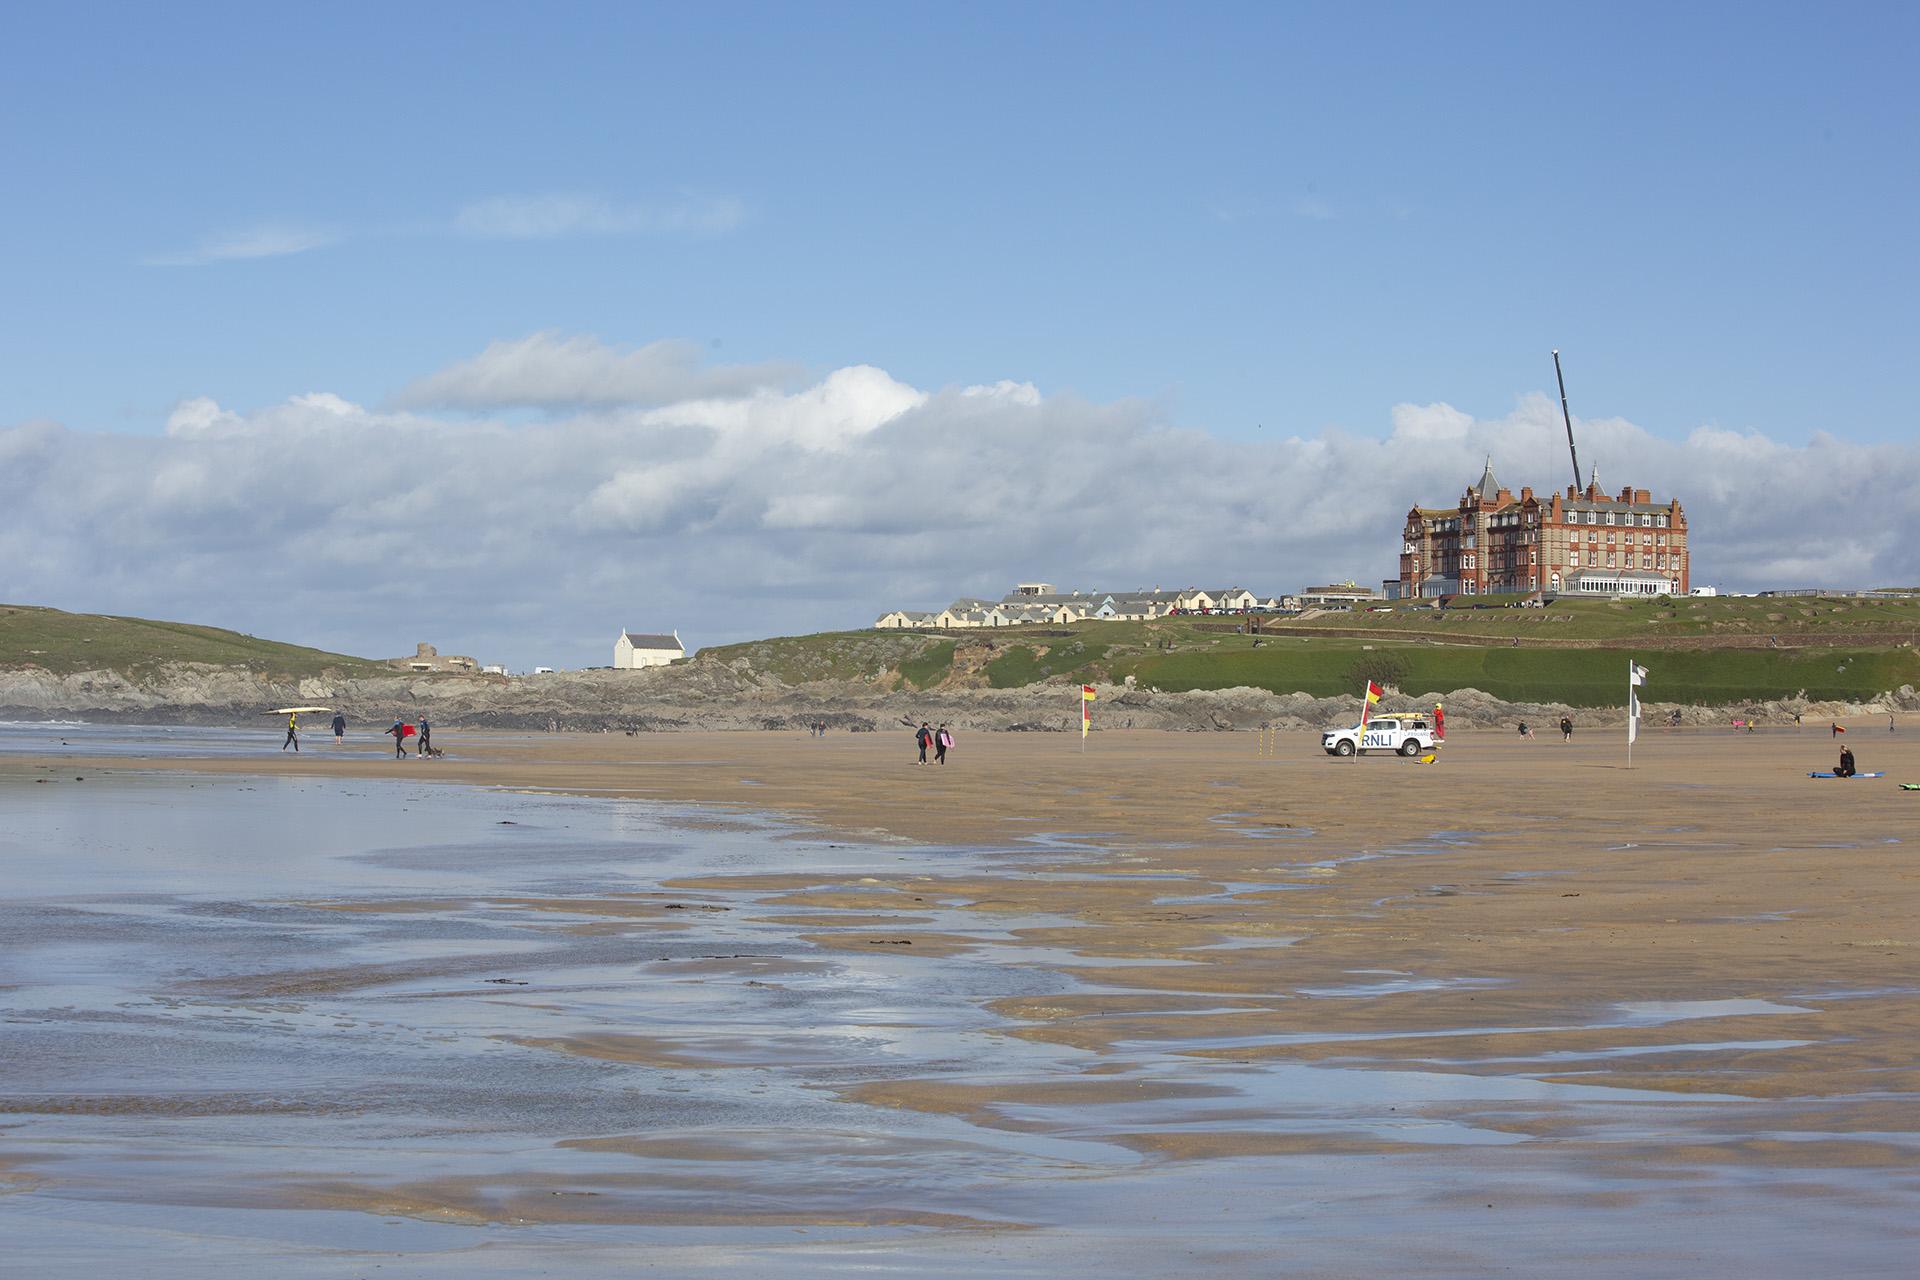 Strandbesuch: Wellen satt am Fistral Beach (Newquay)